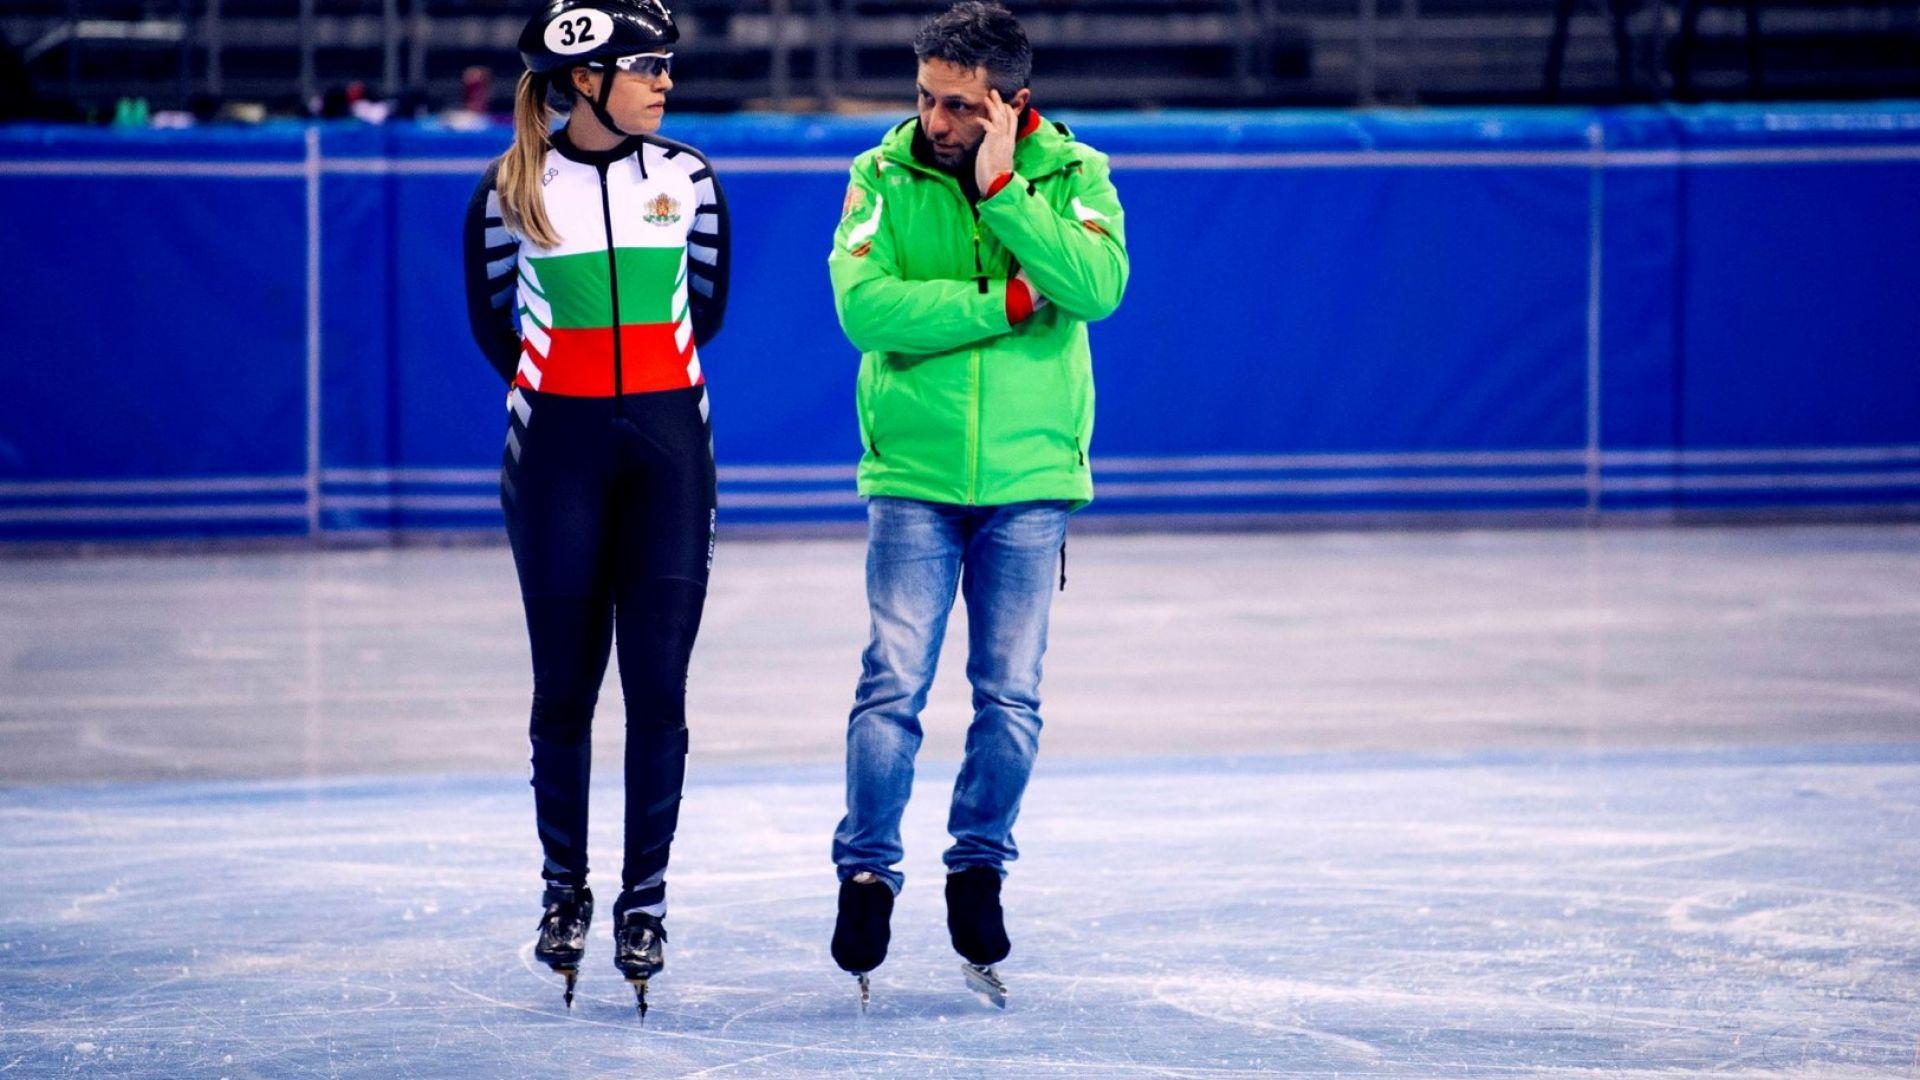 Звездата ни на леда: Сърцето ми е разбито, но ще участвам заради България